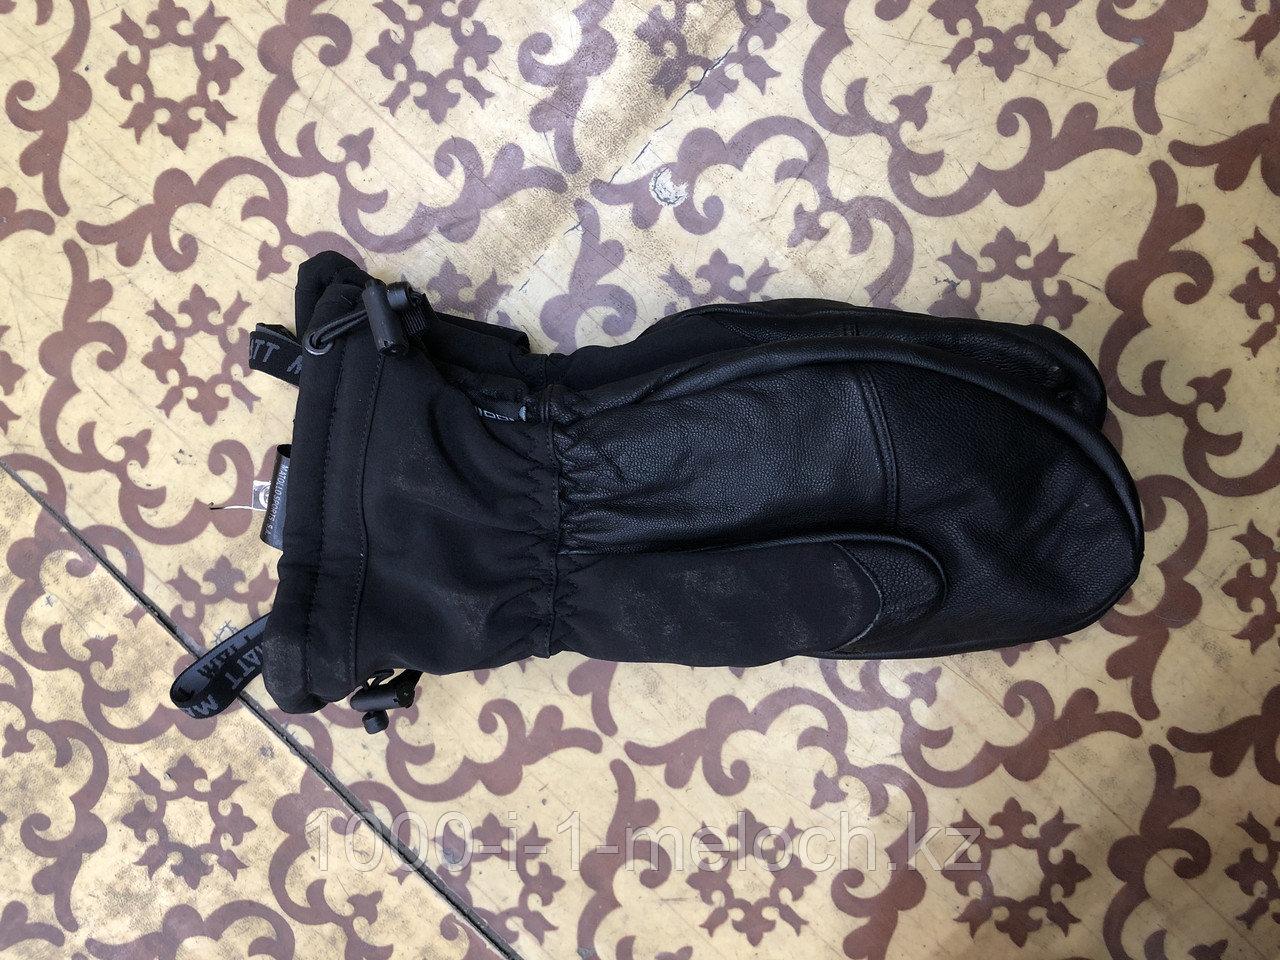 Перчатки тёплые фирменные МАТТ - фото 1